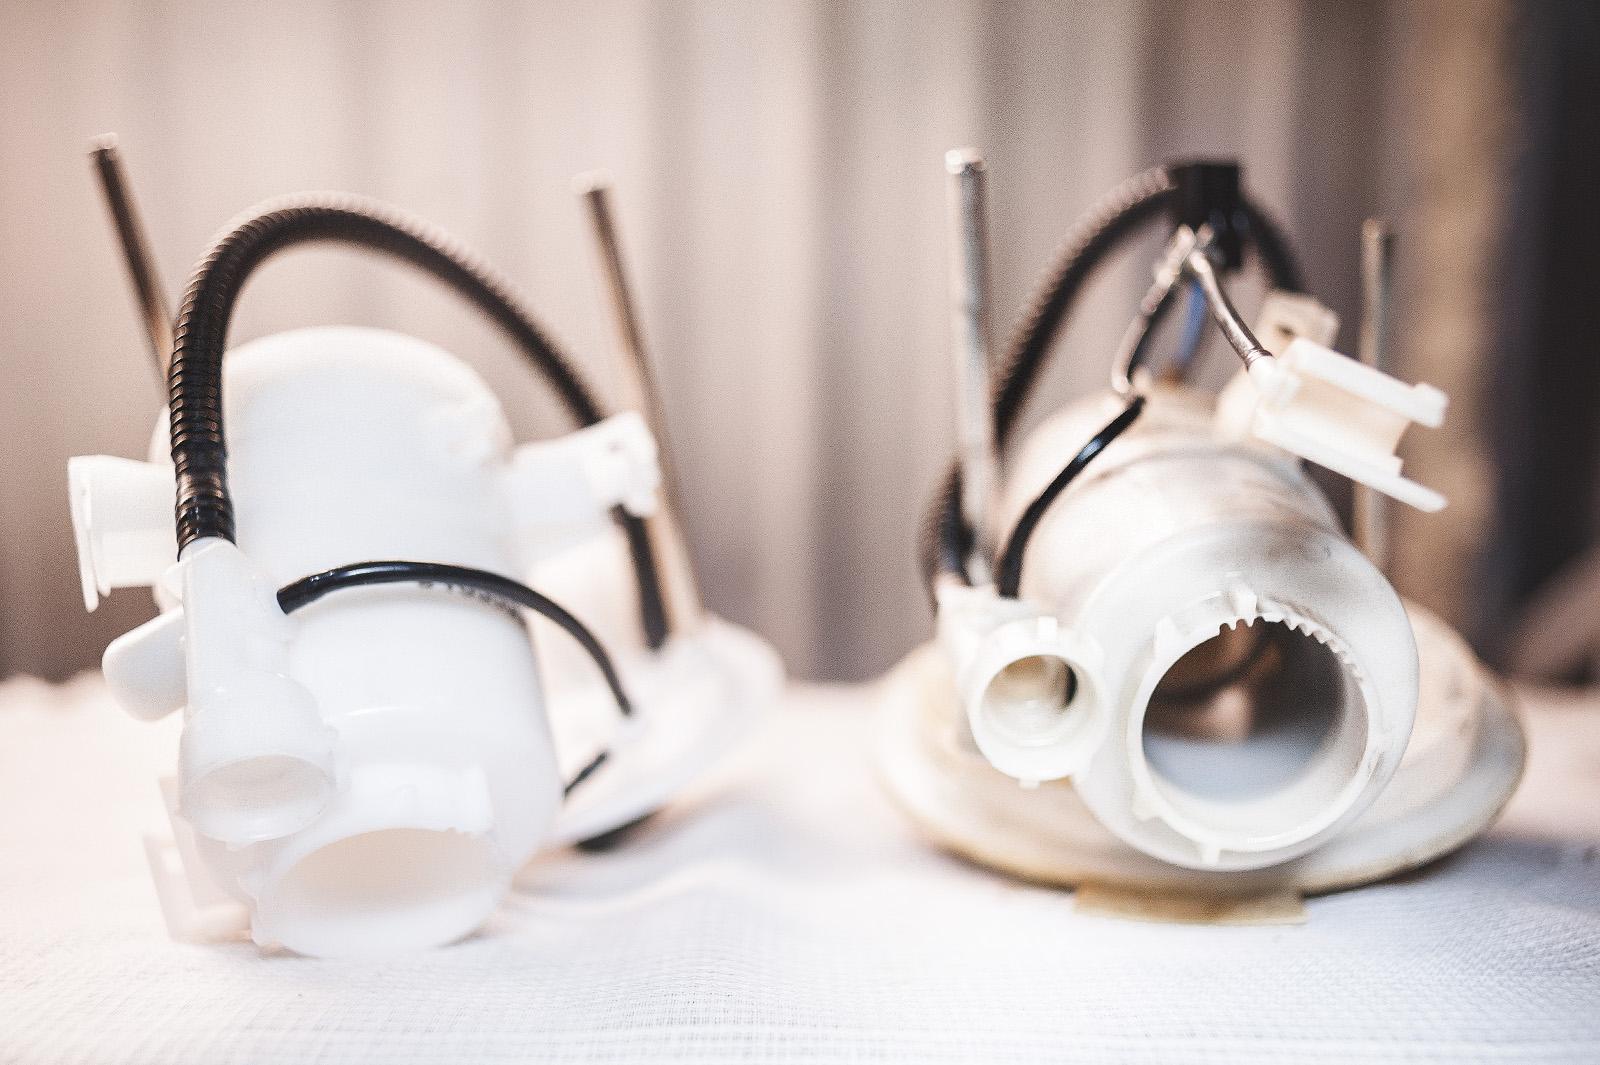 Топливные фильтры тонкой очистки: старый и новый